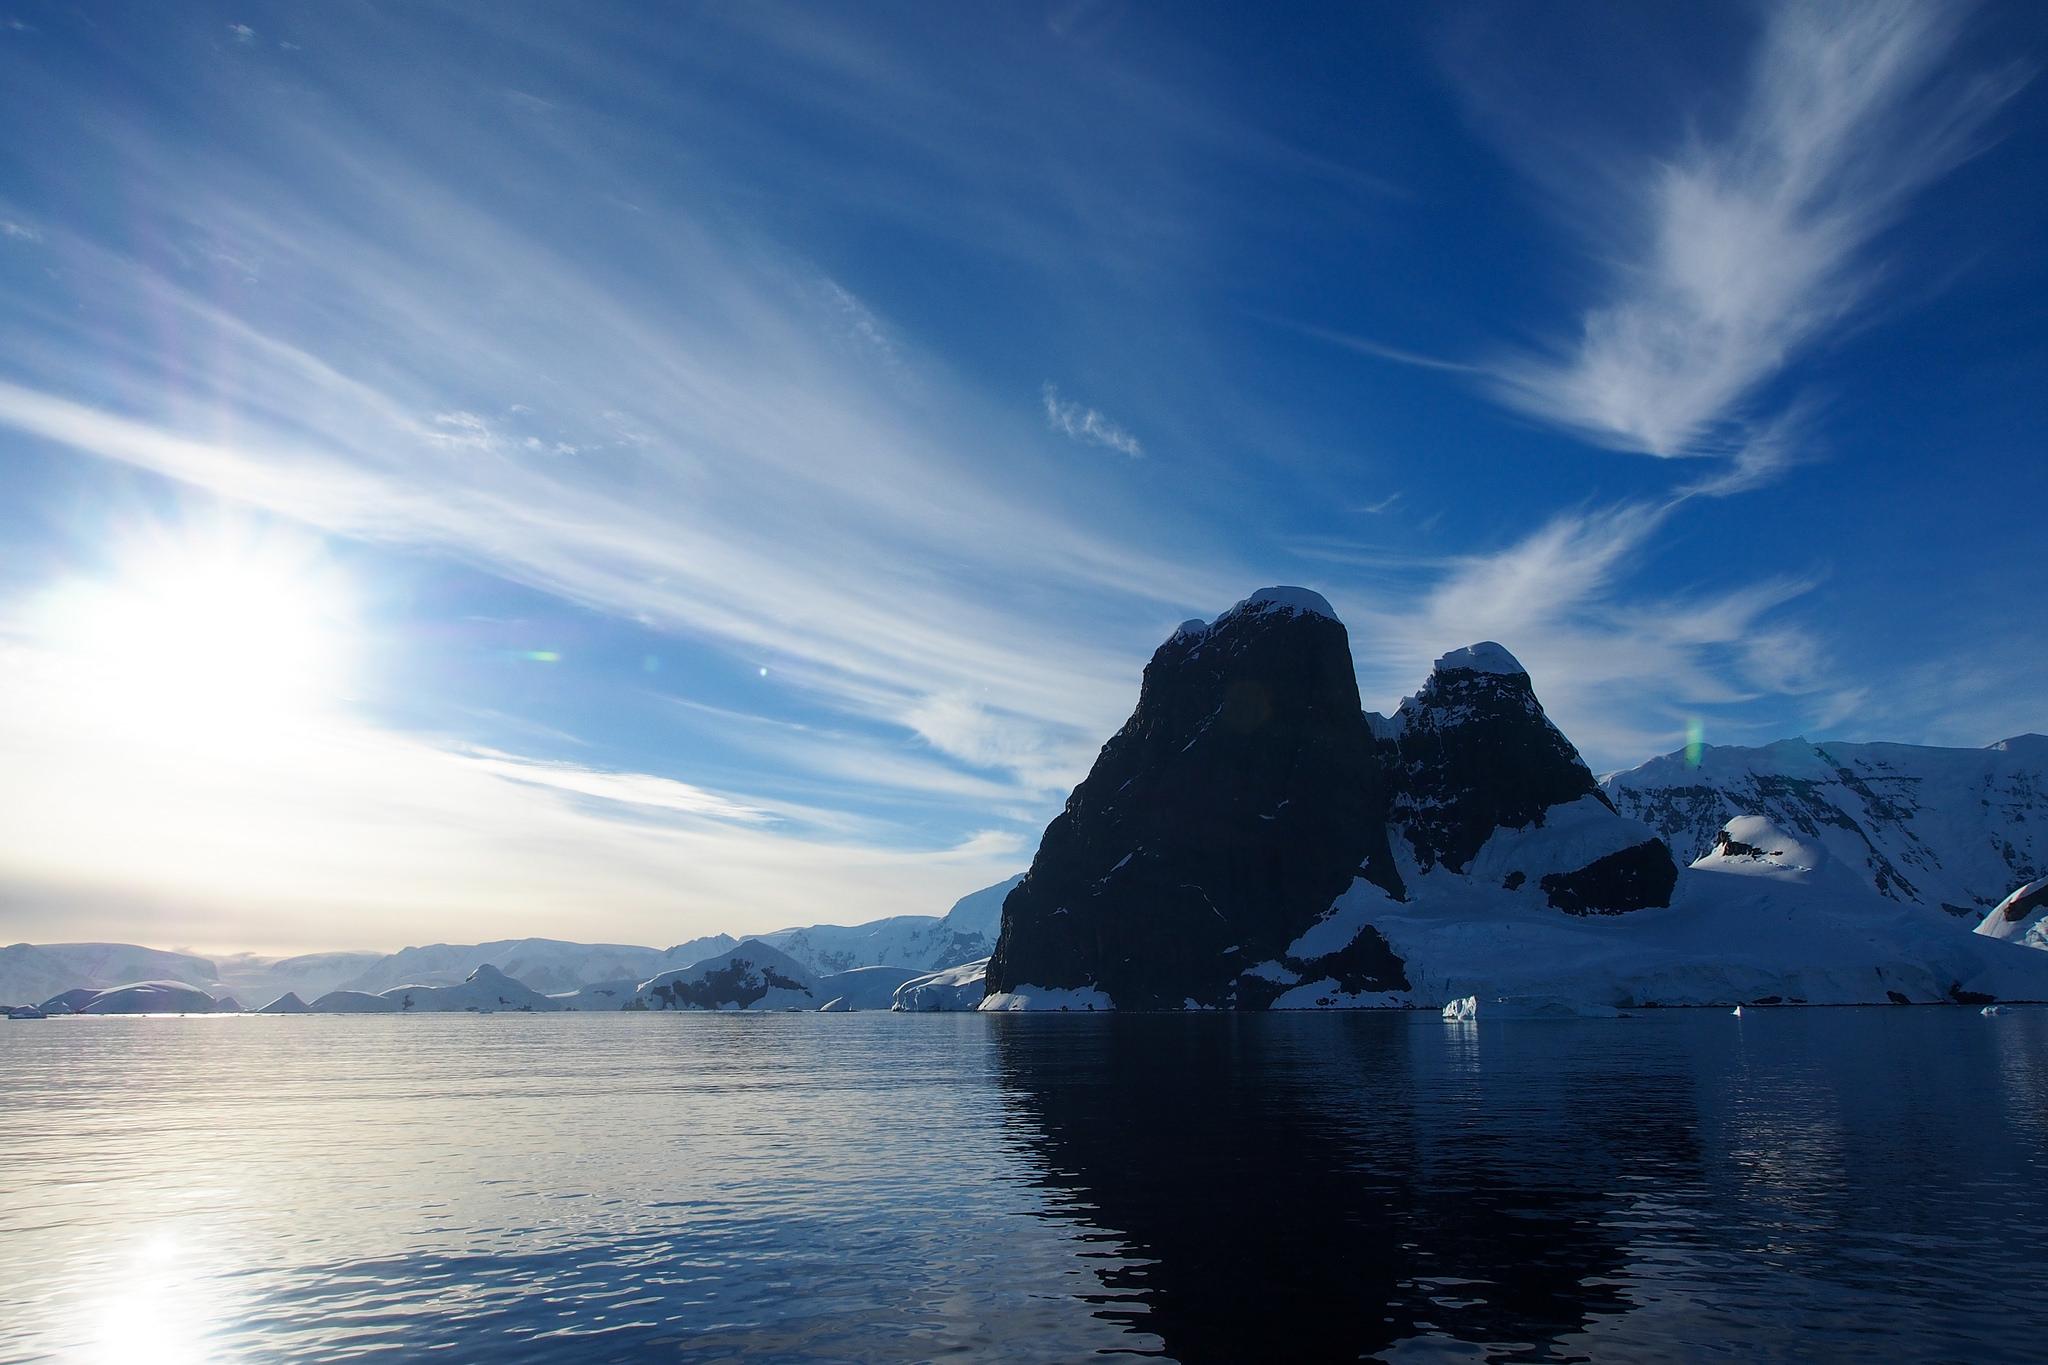 The Shrinking Ozone Hole